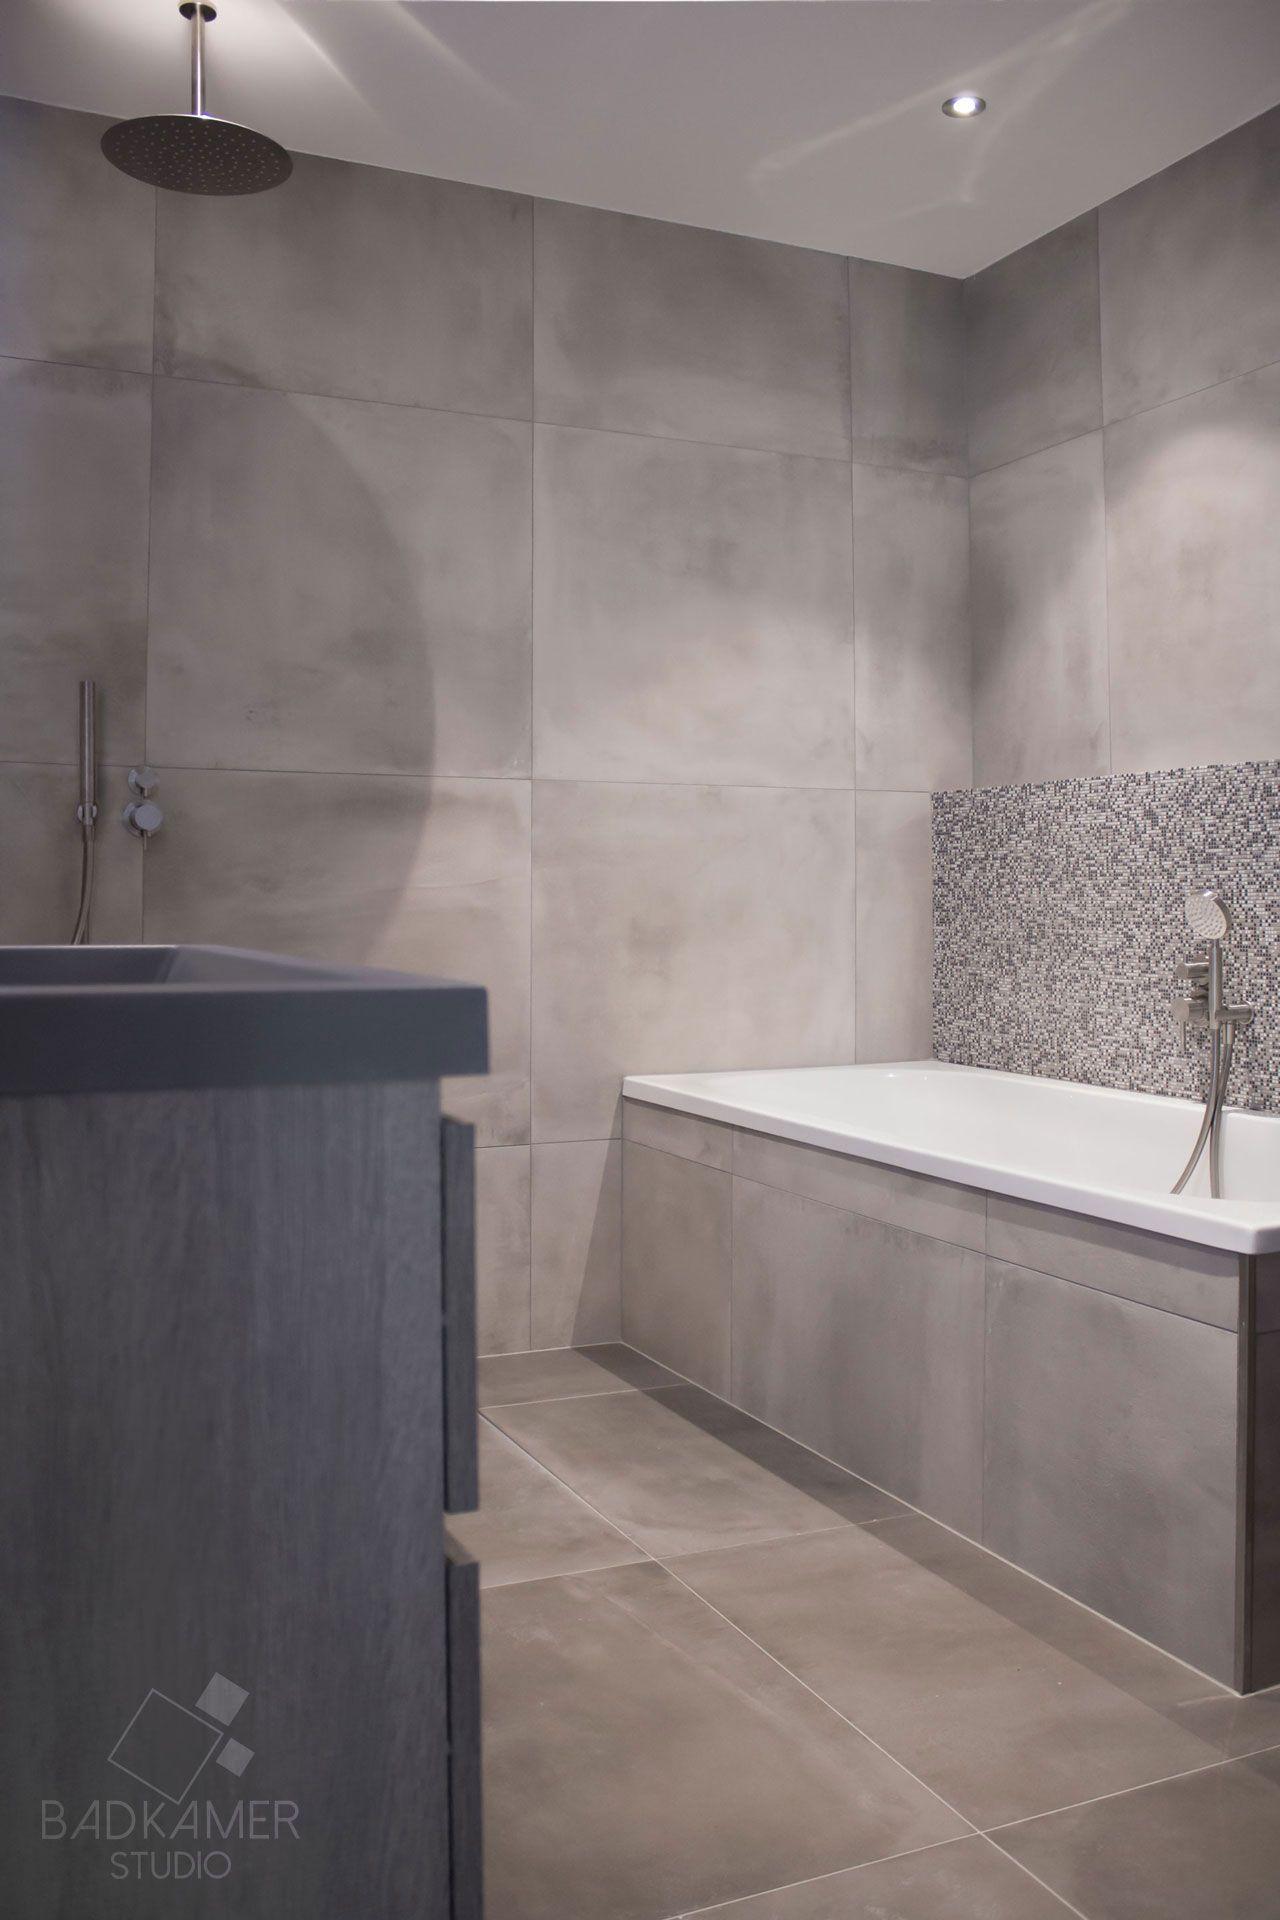 Hedendaags Kleine robuuste maatwerk badkamer. De vloer en muren zijn betegeld LN-89